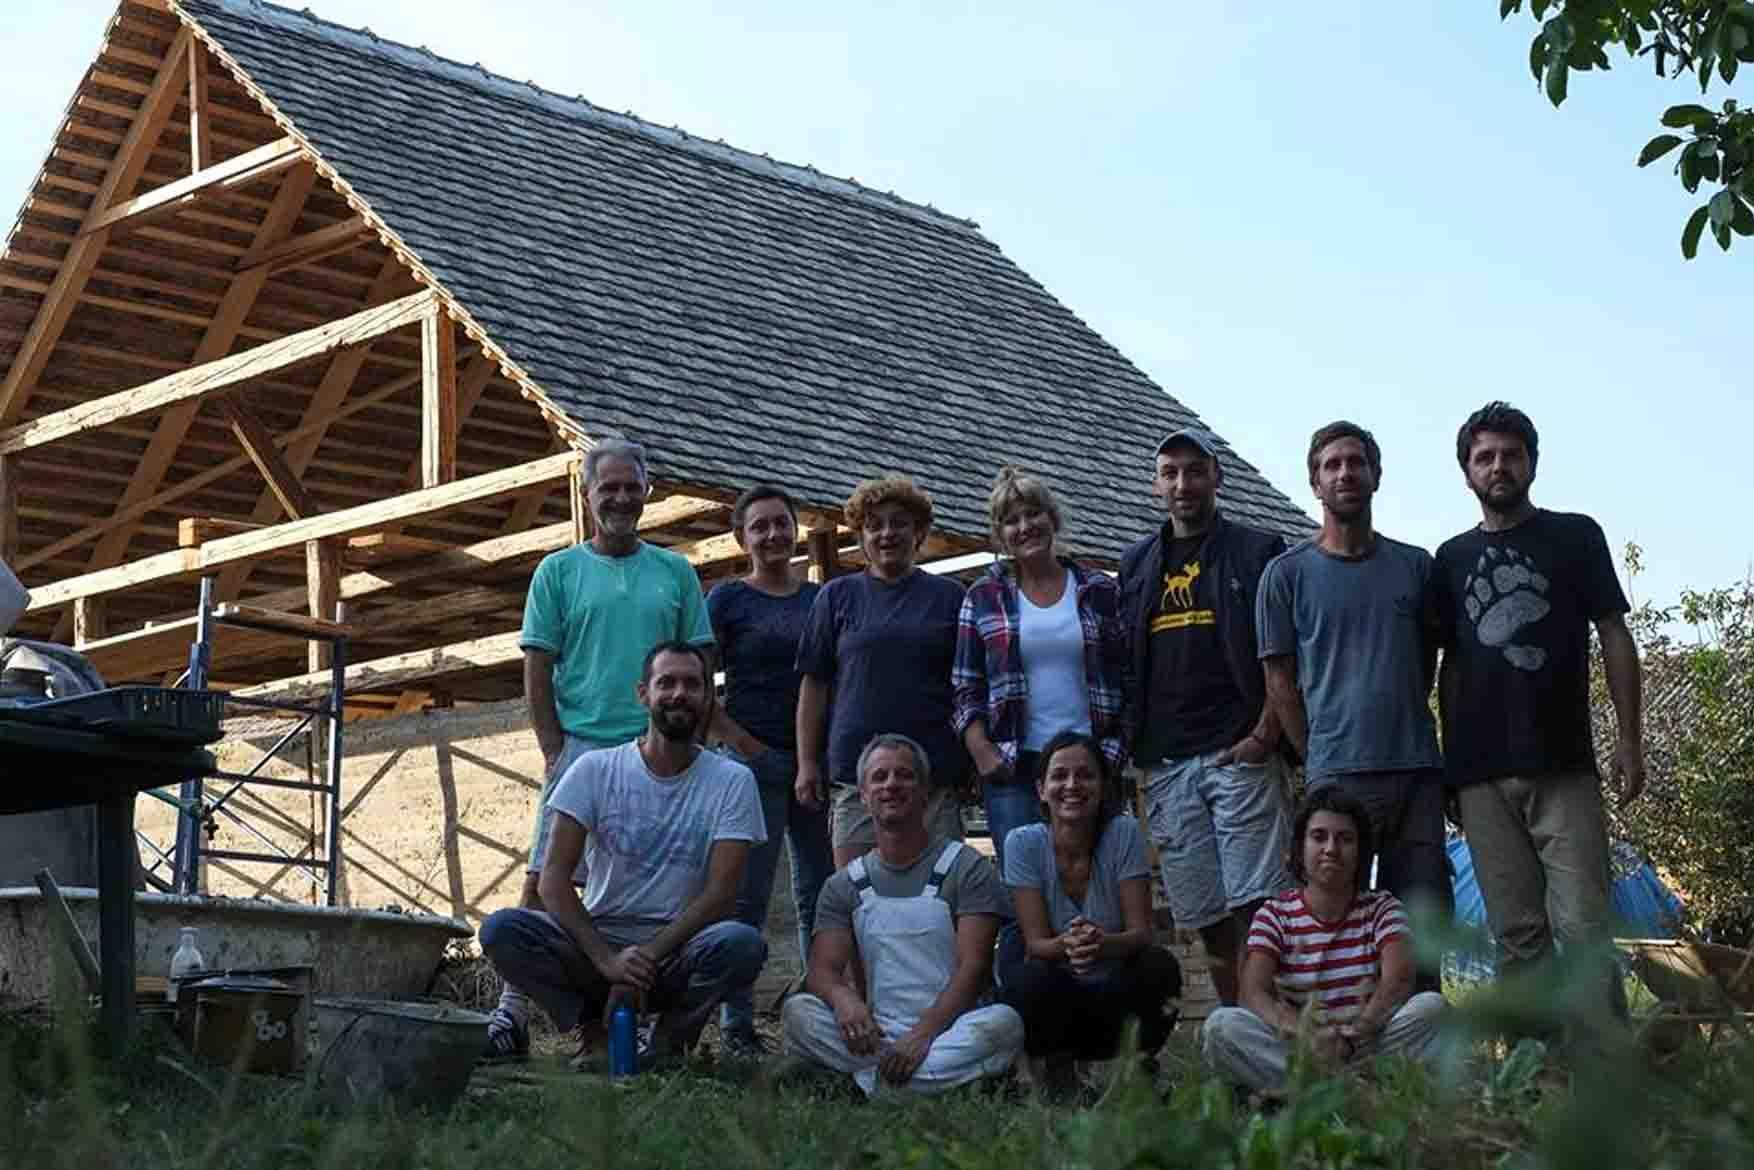 00-mora-2016-mosorin-skola-zemljane-arhitekture-ekipa-ucesnici-srbija-hrvatska-makedonija